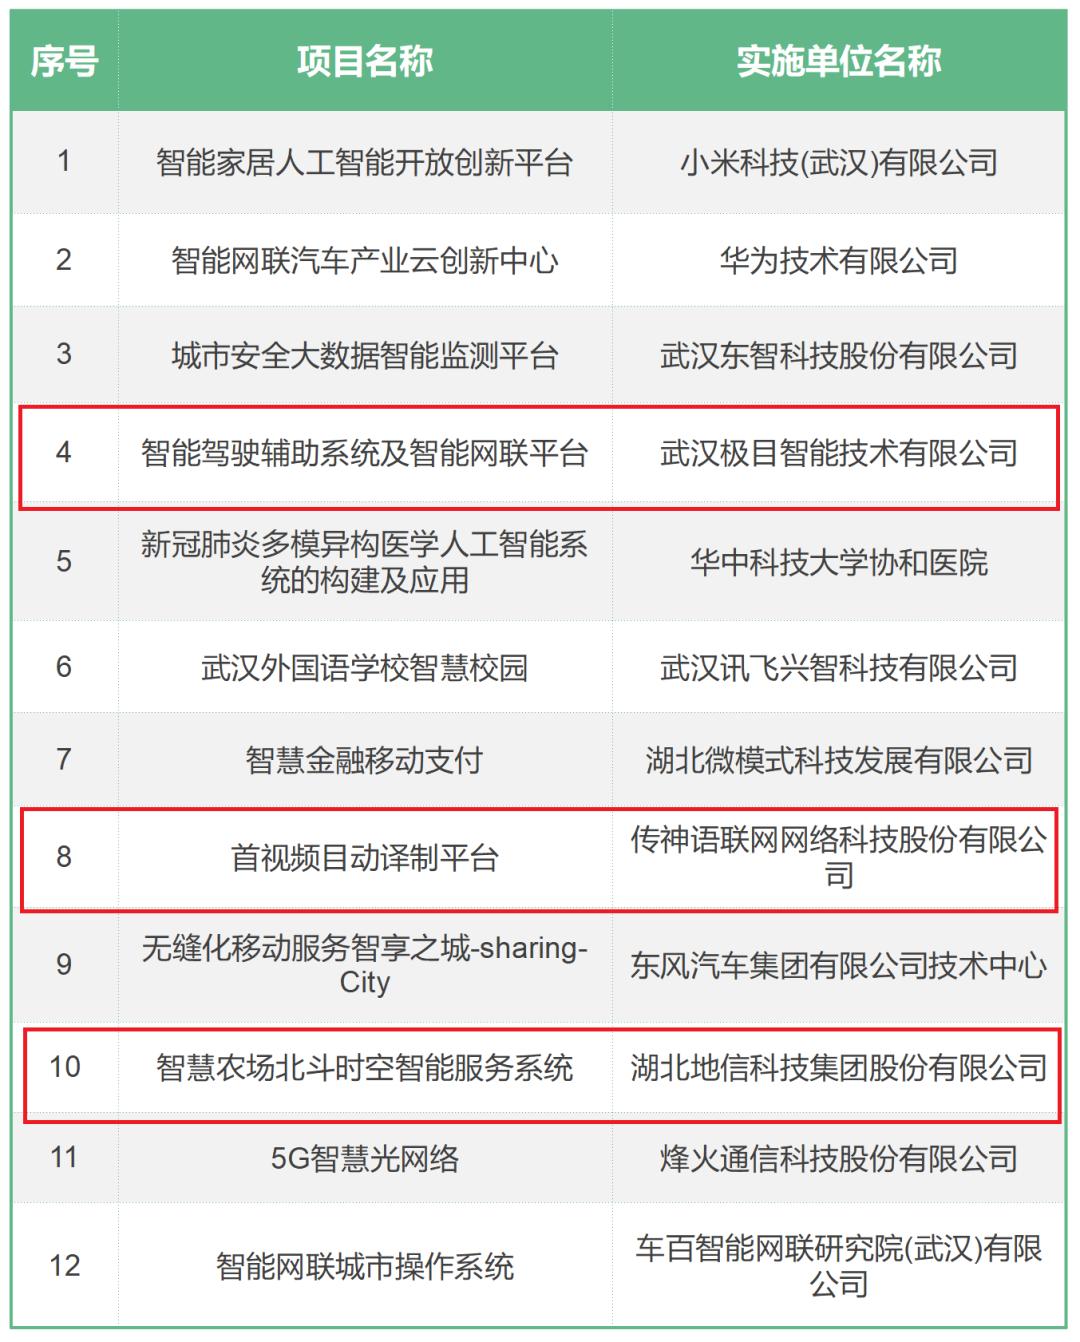 未来科技城3家企业入选湖北省首批人工智能典型应用场景